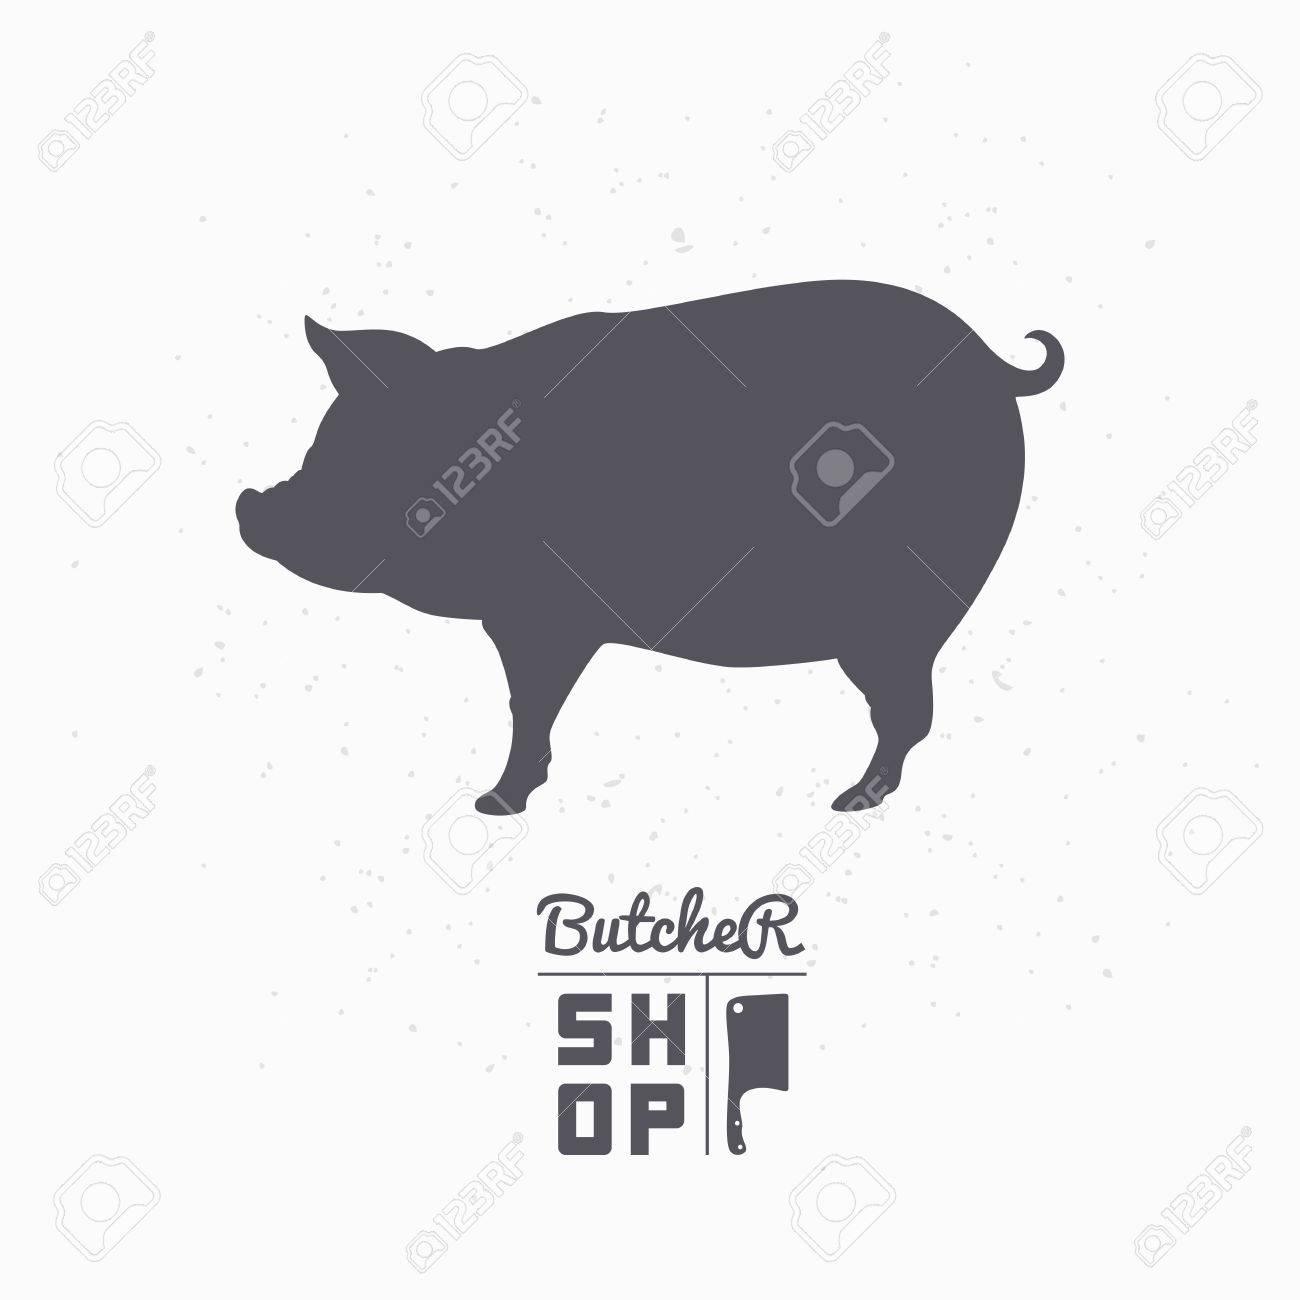 Silueta De Cerdo Carne De Cerdo. Plantilla De La Carnicería Para El ...